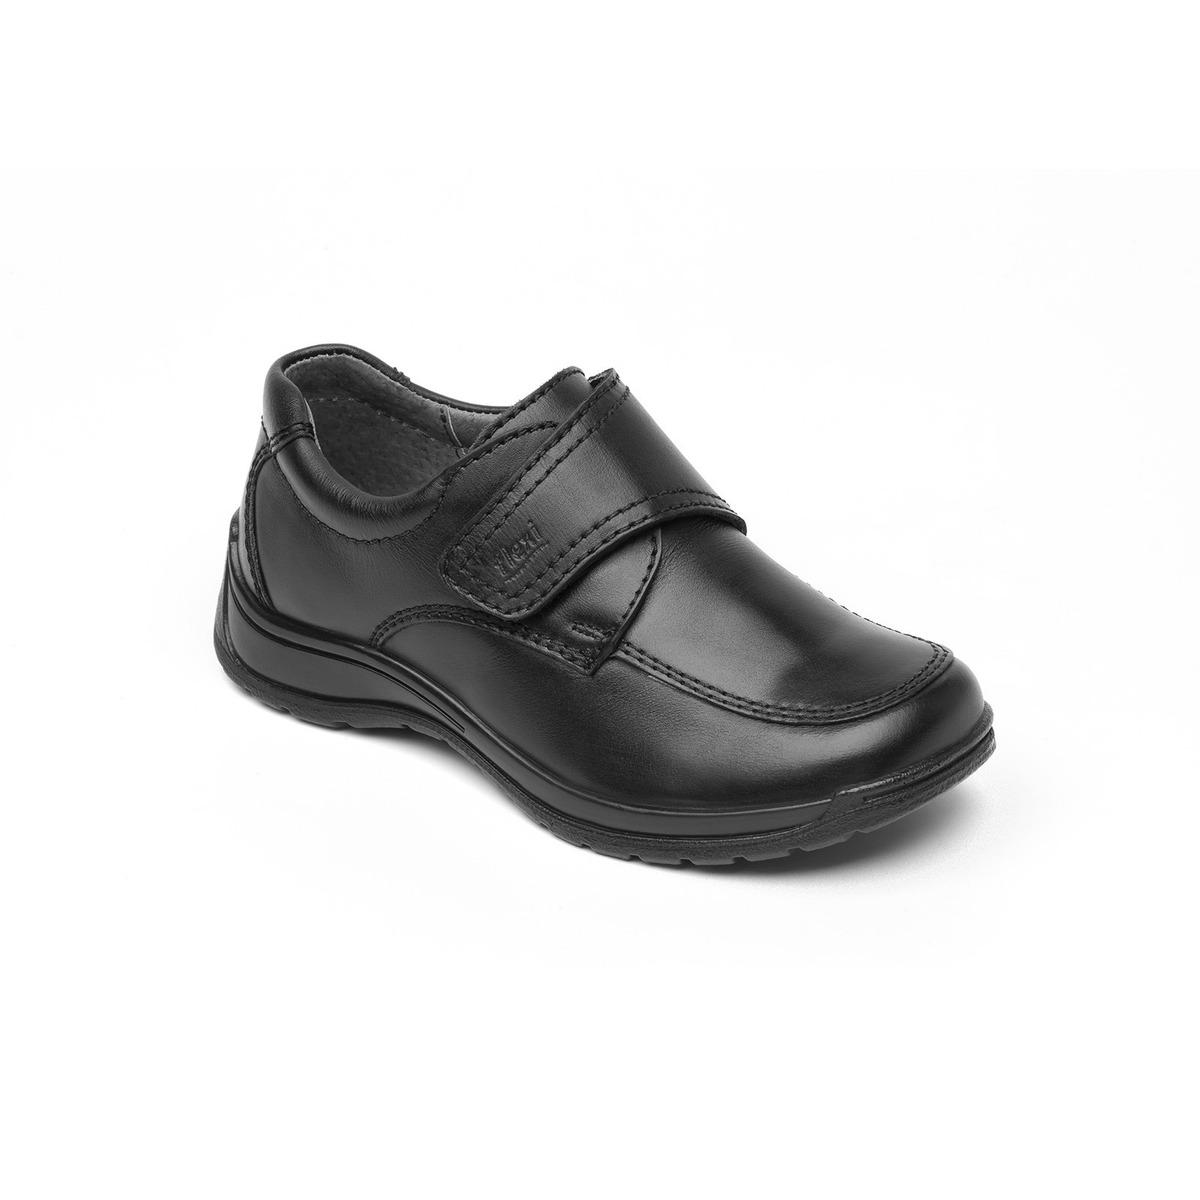 99043b3f32 Zapato Escolar Flexi Niño 57903 Negro - $ 529.00 en Mercado Libre